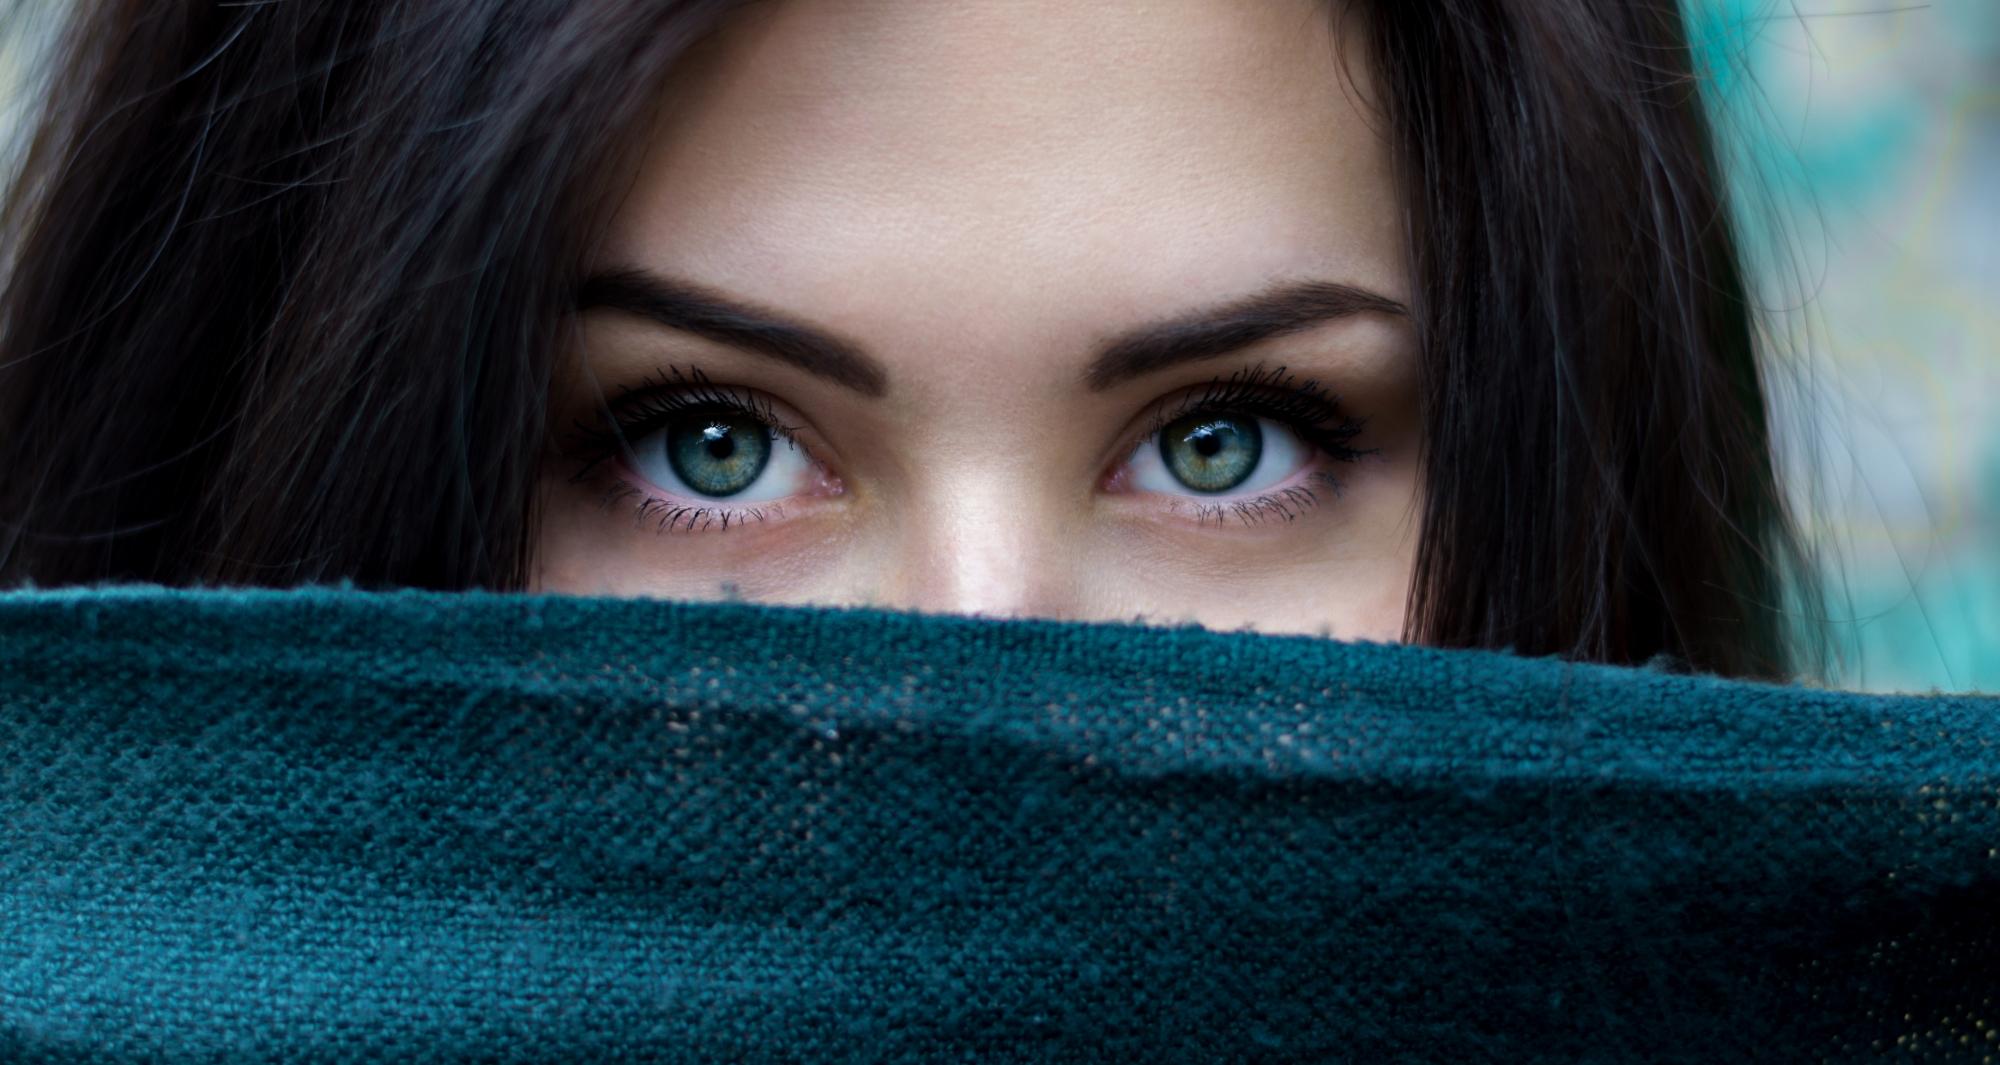 b2f2578671e2f6 10 ciekawostek o kolorze oczu - Zdrowym okiem